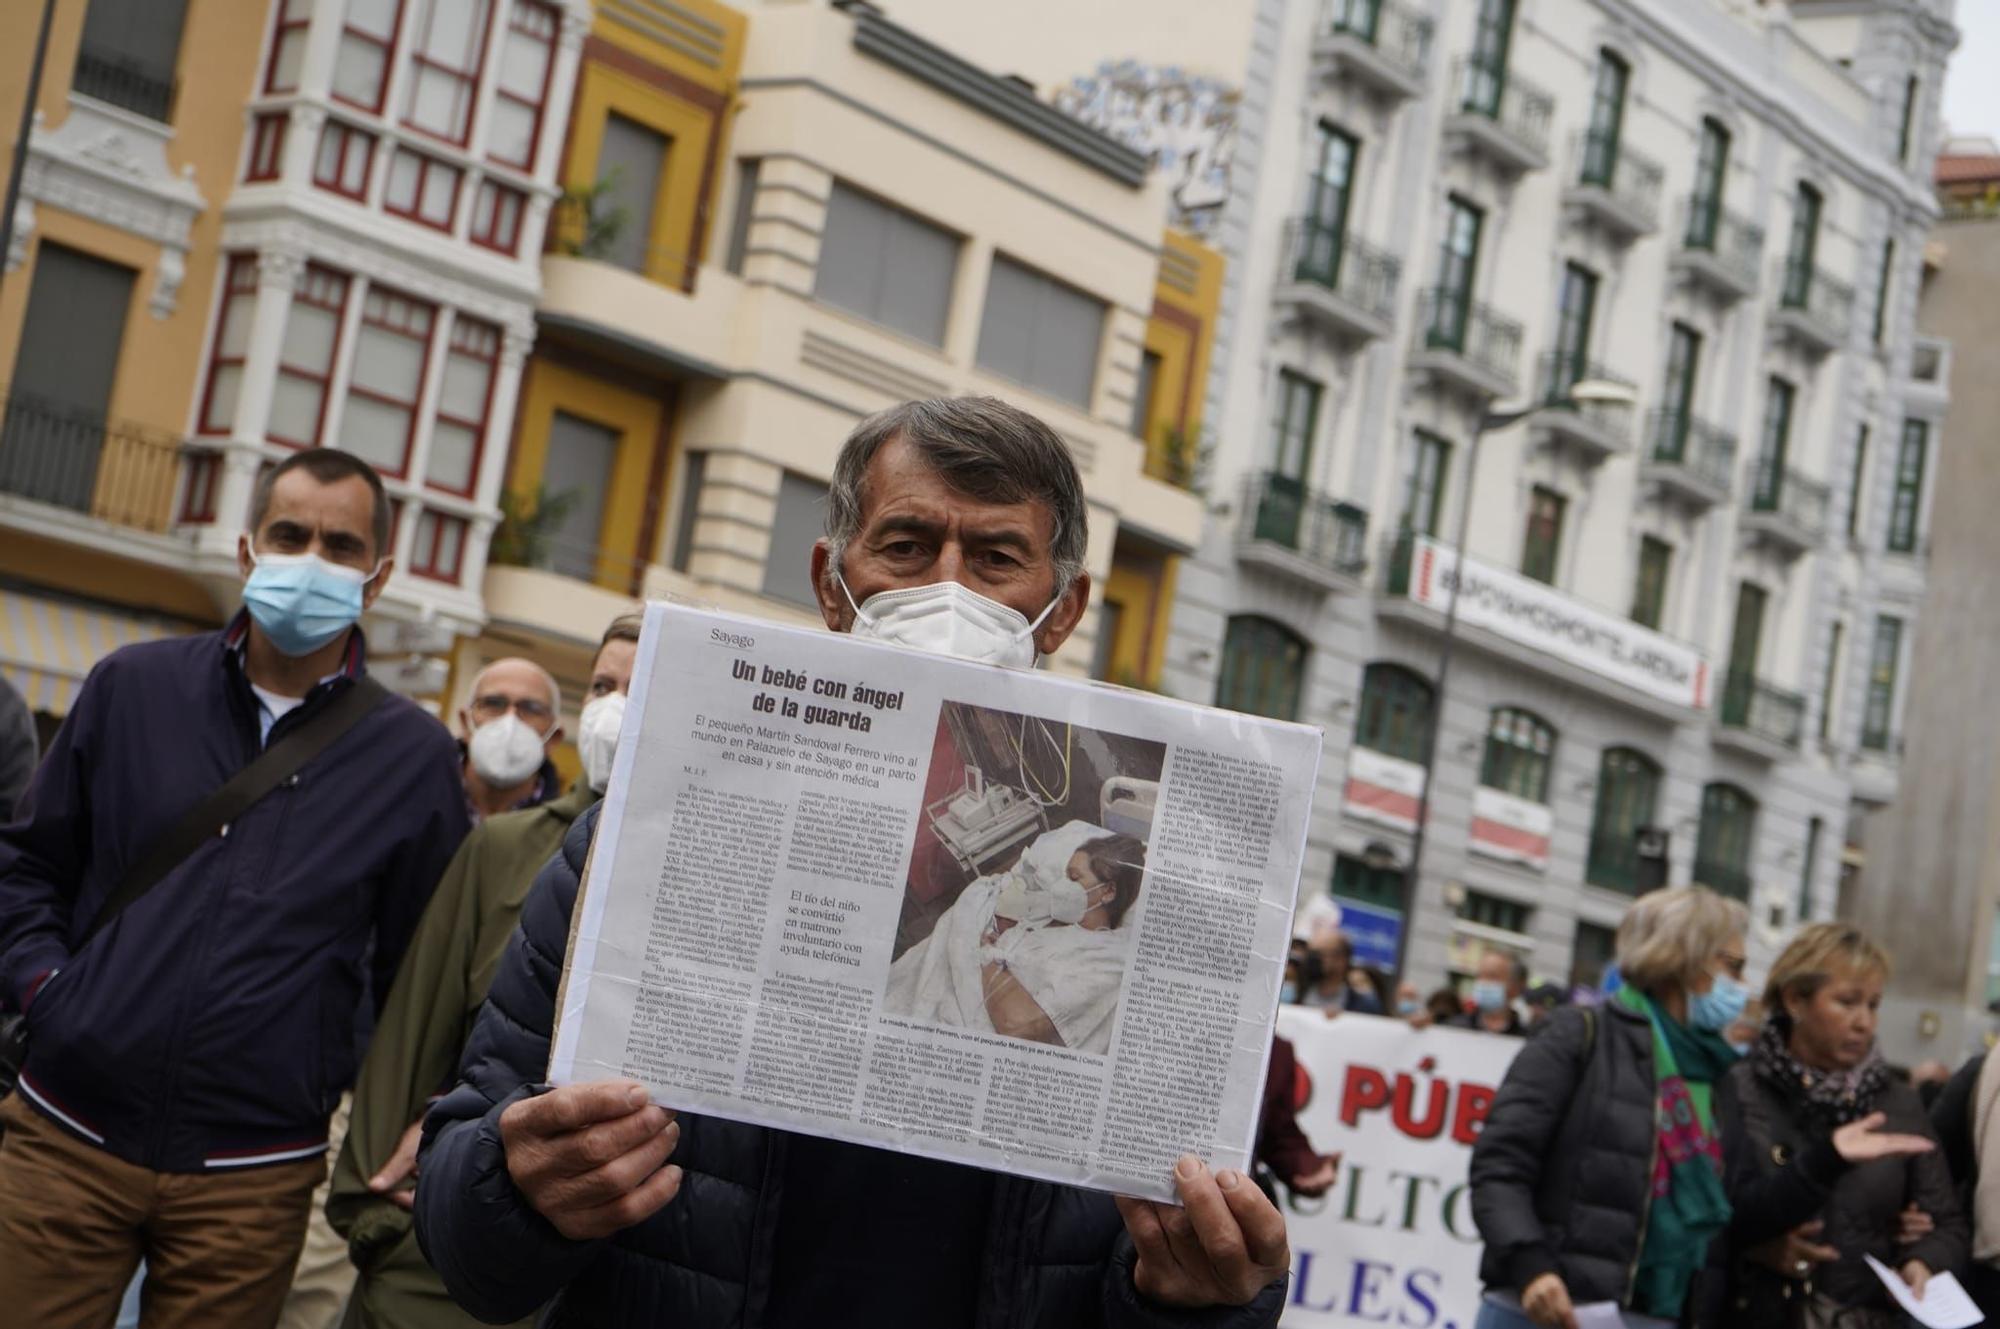 GALERÍA   La manifestación por una sanidad digna en Zamora, en imágenes